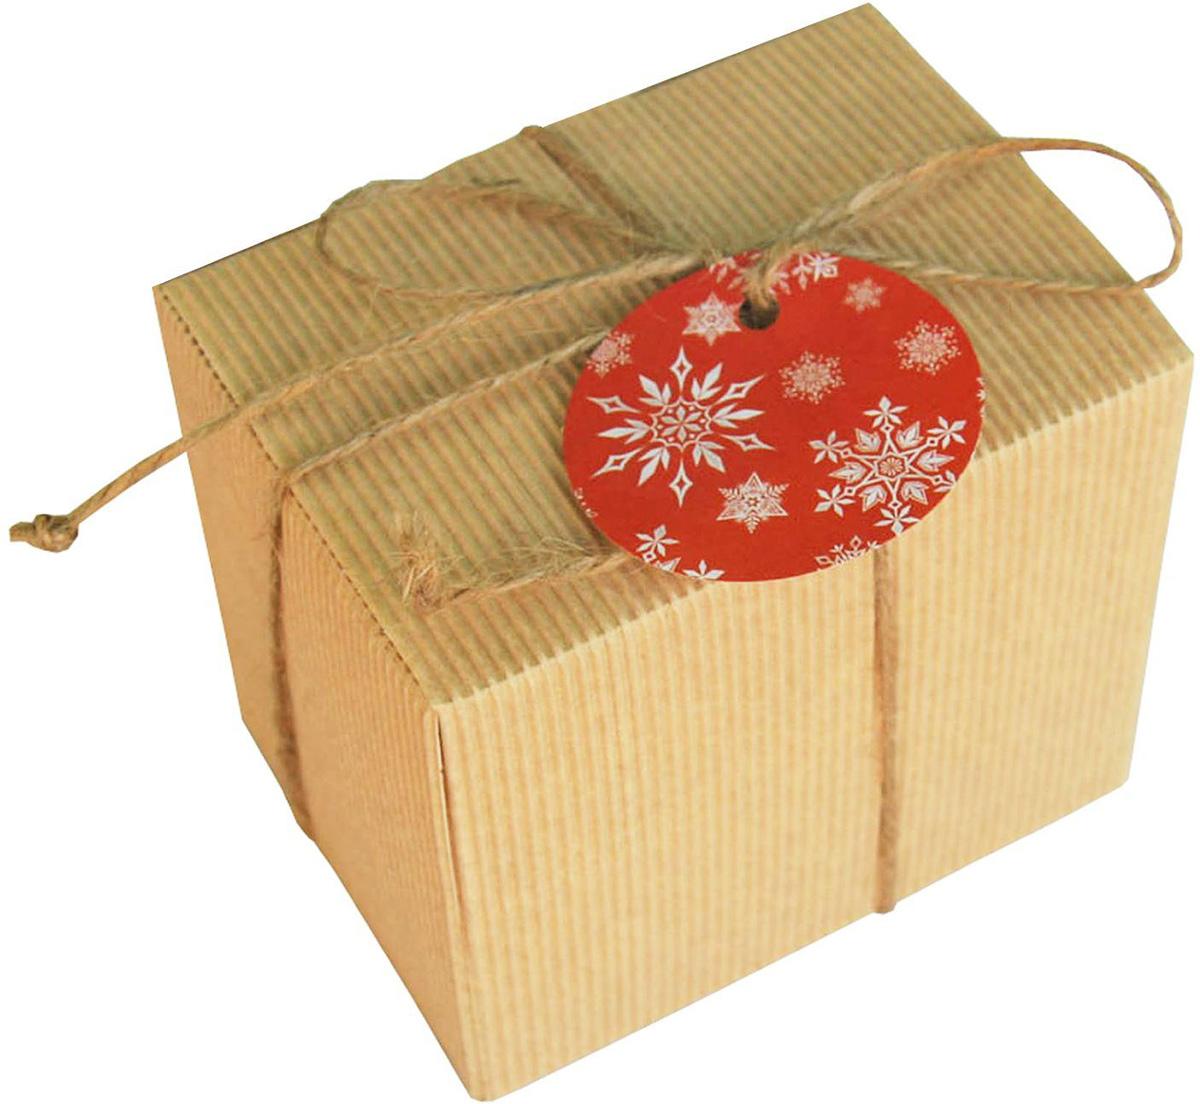 Коробка подарочная Sima-land Снежинки, 11 х 8,5 х 10 см1695923Любой подарок начинается с упаковки. Что может быть трогательнее и волшебнее, чем ритуал разворачивания полученного презента. И именно оригинальная, со вкусом выбранная упаковка выделит ваш подарок из массы других. Она продемонстрирует самые теплые чувства к виновнику торжества и создаст сказочную атмосферу праздника.